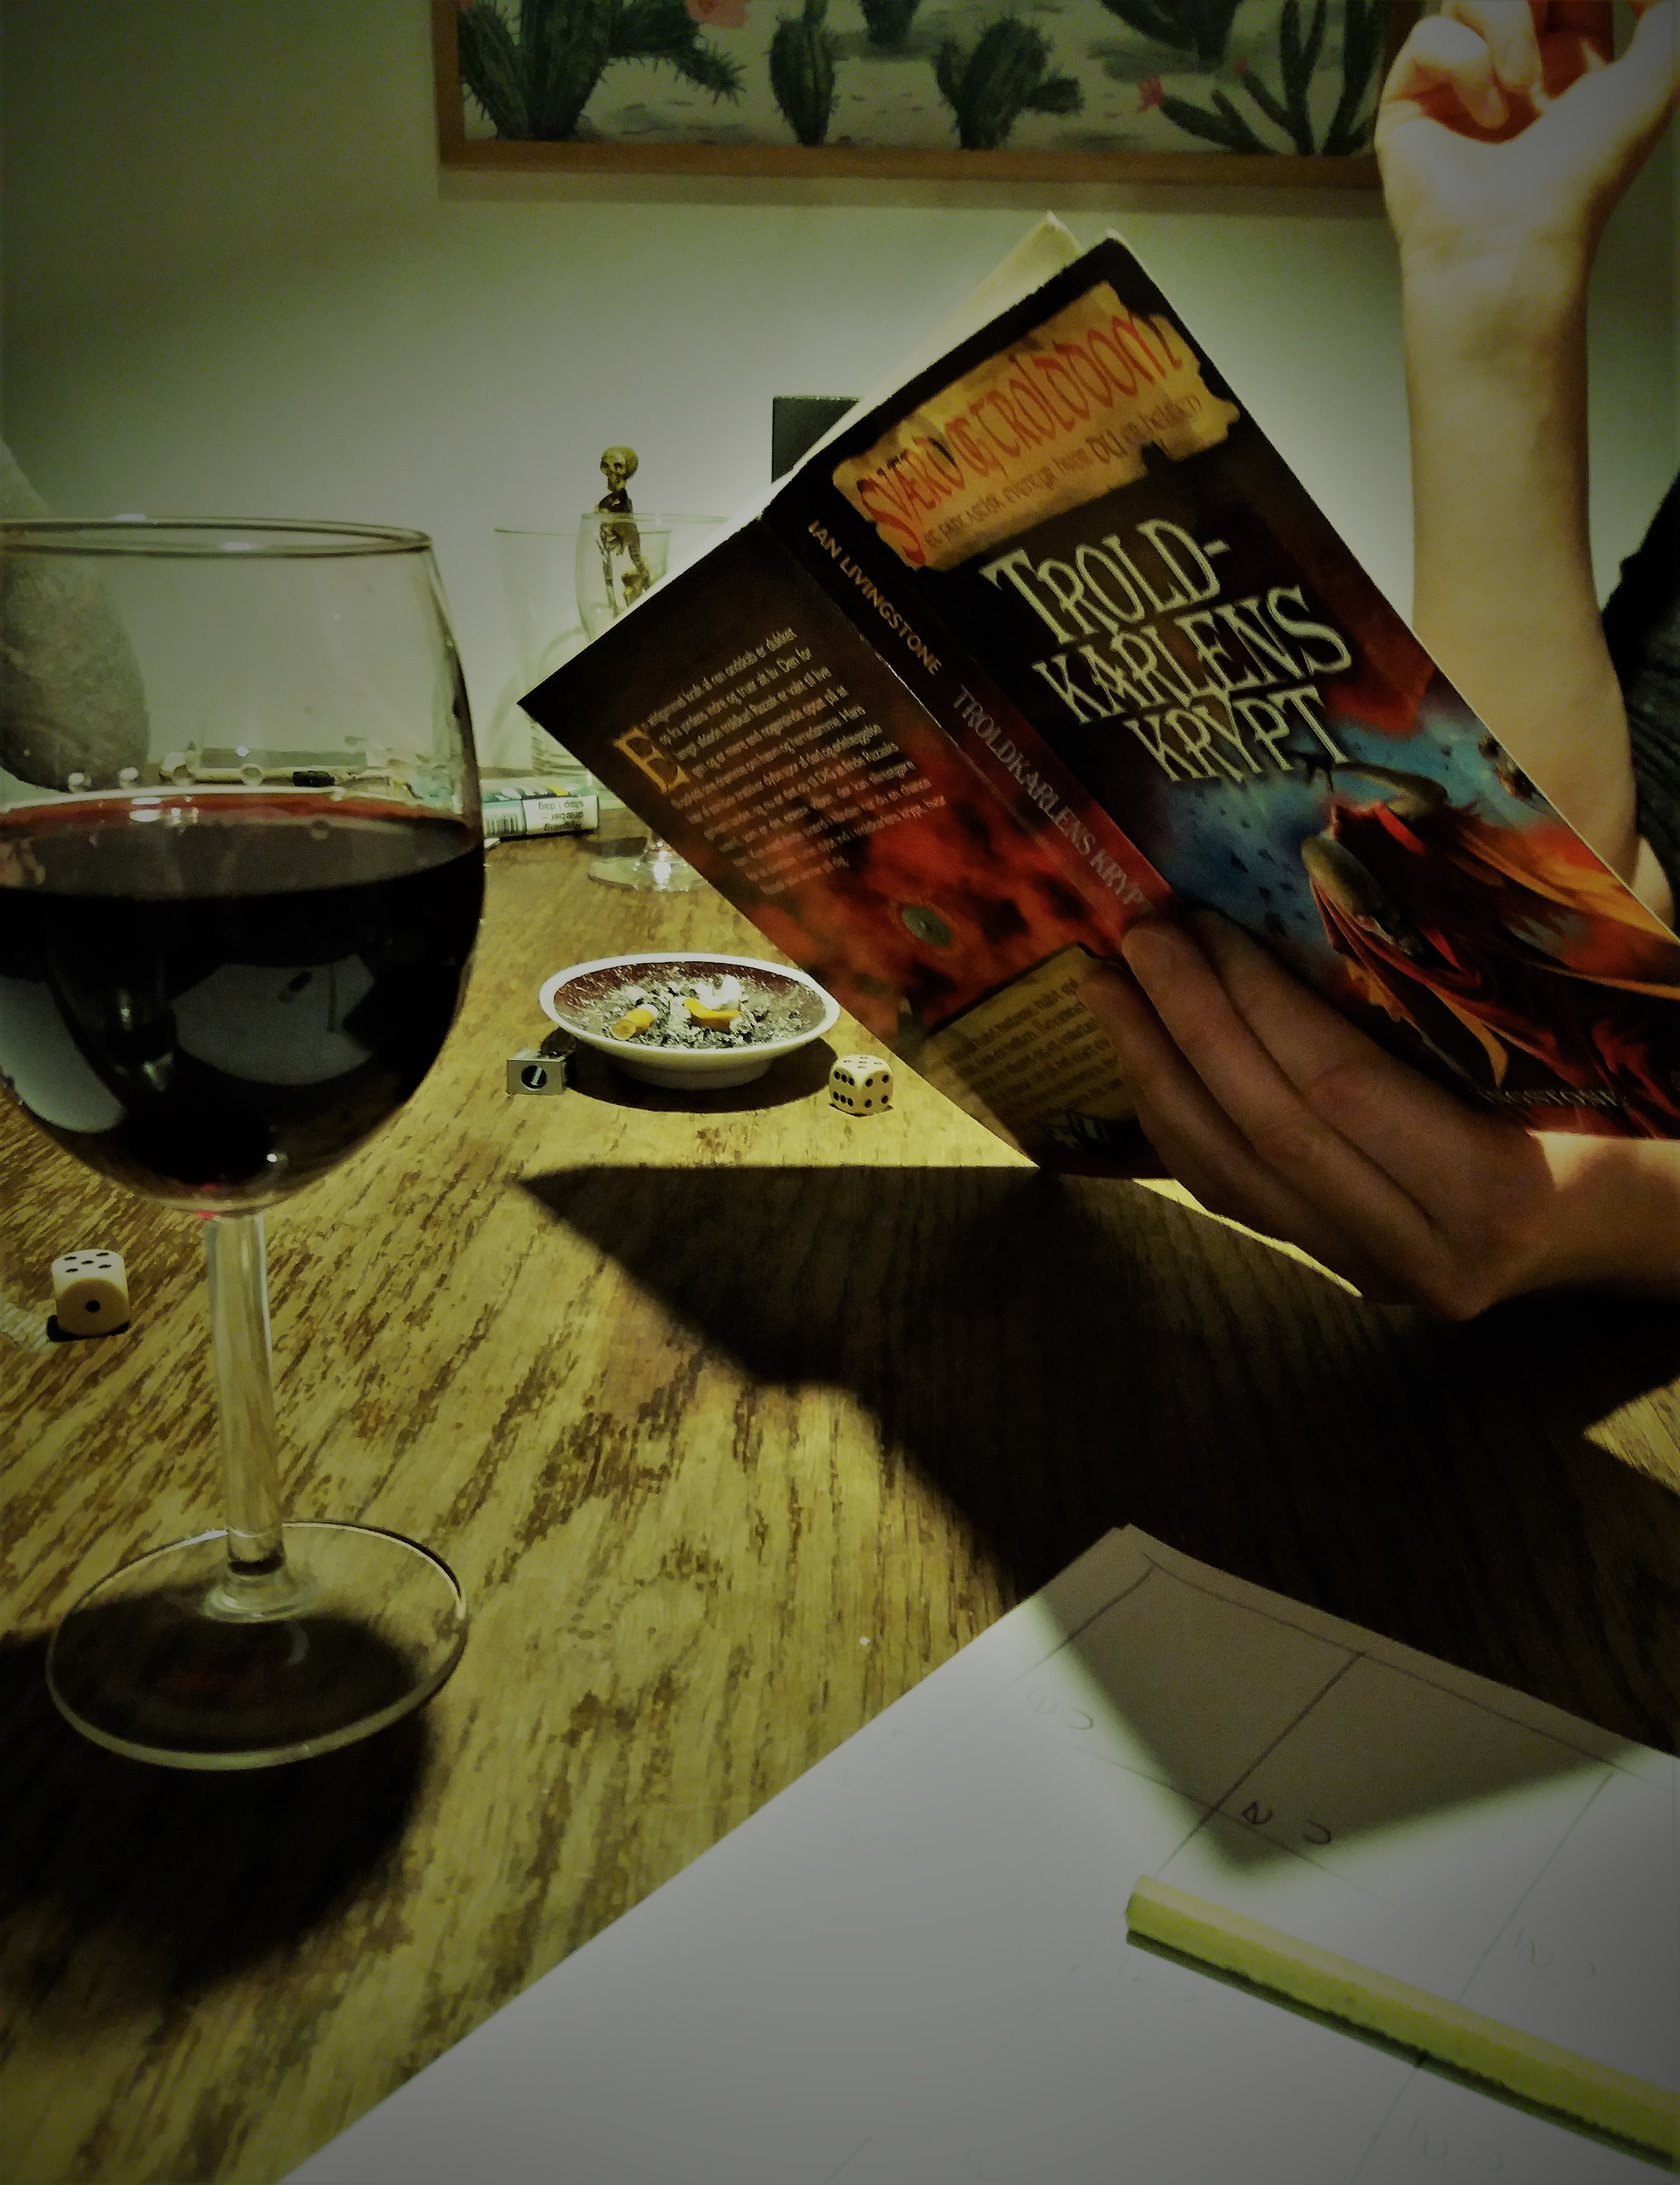 """halloweenbøger. Der er lagt op til en hyggelig aften med venner, når der kæmpes i """"Sværd og Trolddom""""-bøgerne"""